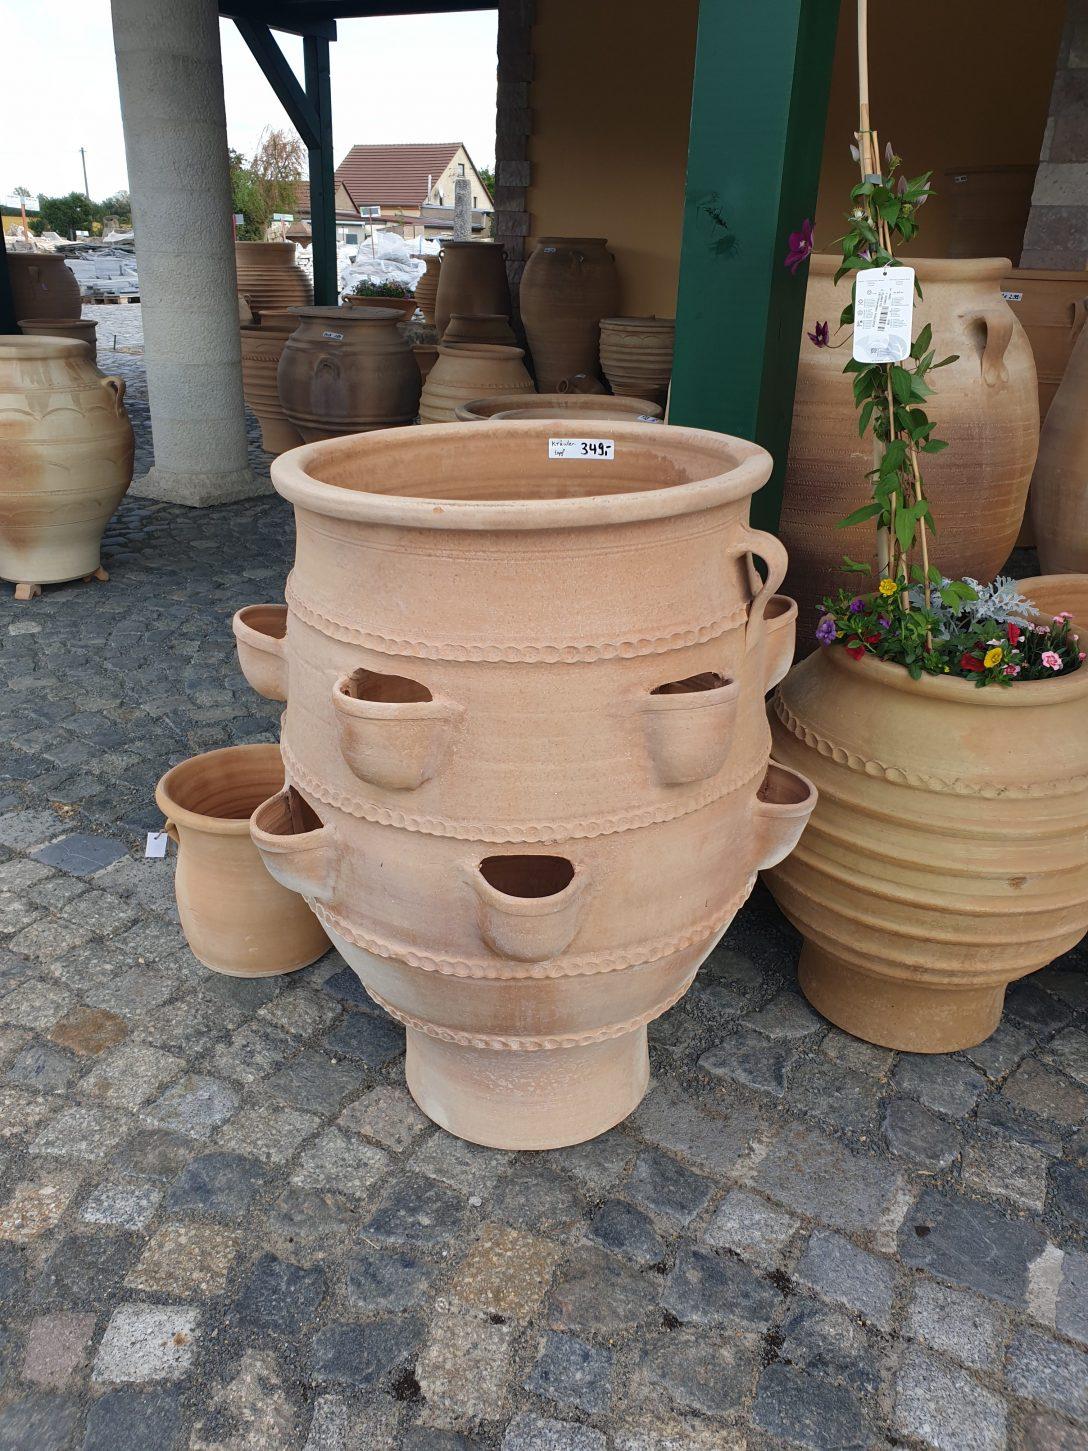 Large Size of Kräutertopf Krutertopf Pflanztopf Keramik Naturstein Centrum Lpm Küche Wohnzimmer Kräutertopf